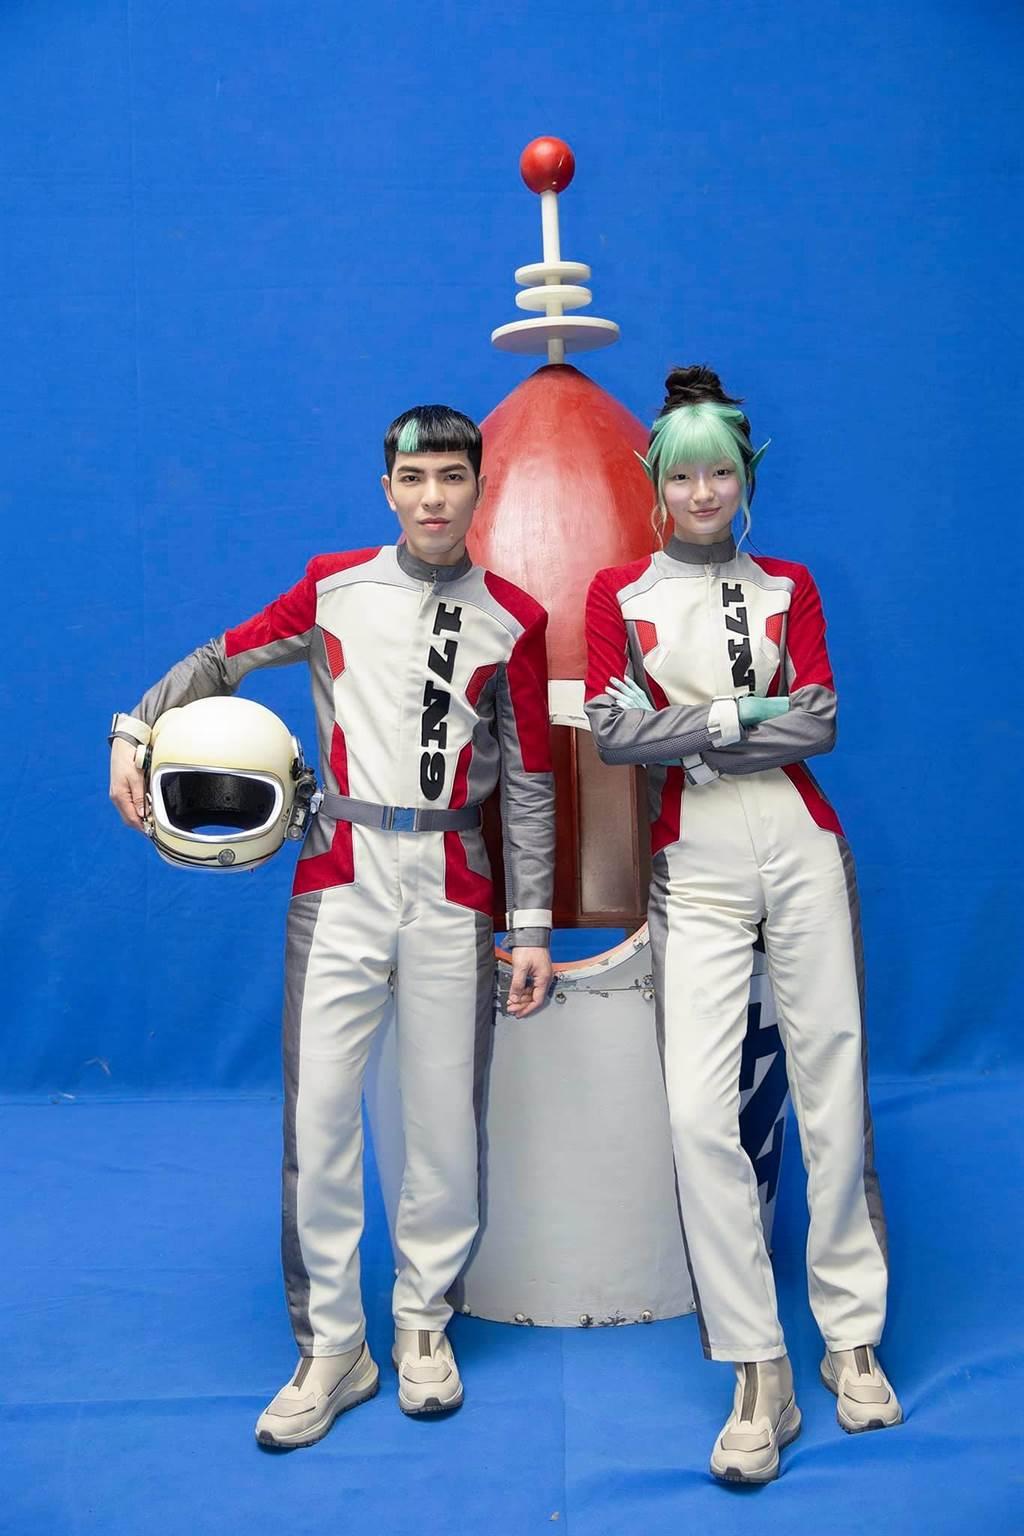 蕭敬騰在〈薩哈星球〉MV裡,打造一個外星的愛情故事。(翻攝自蕭敬騰 Jam Hsiao臉書)